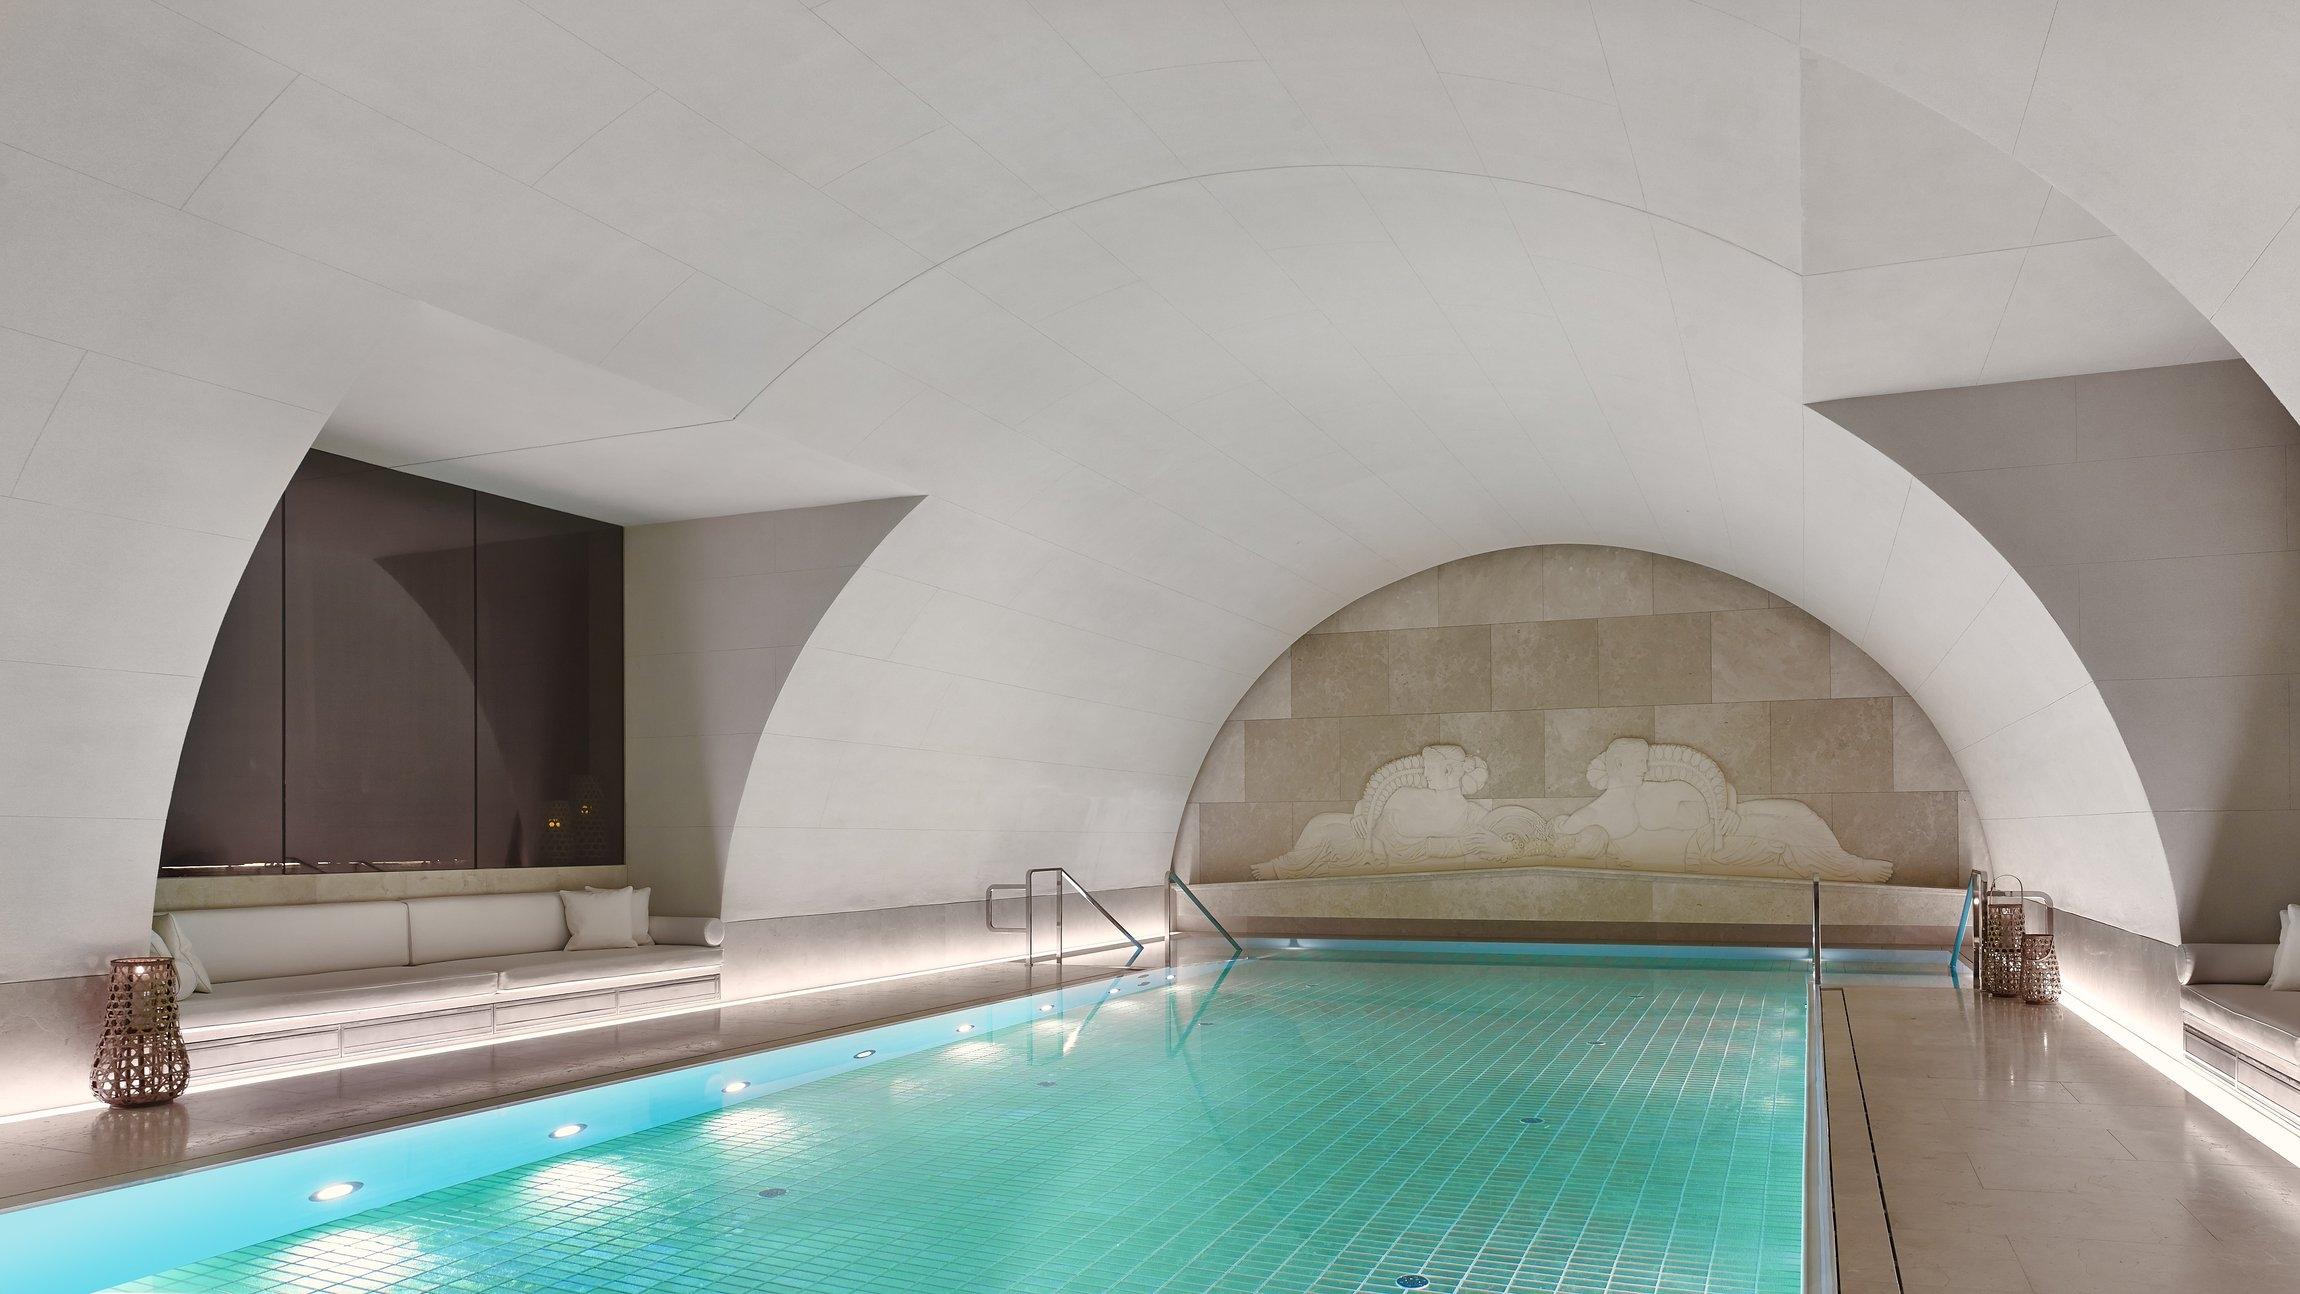 Swimming Pool Arany Spa-min.jpg